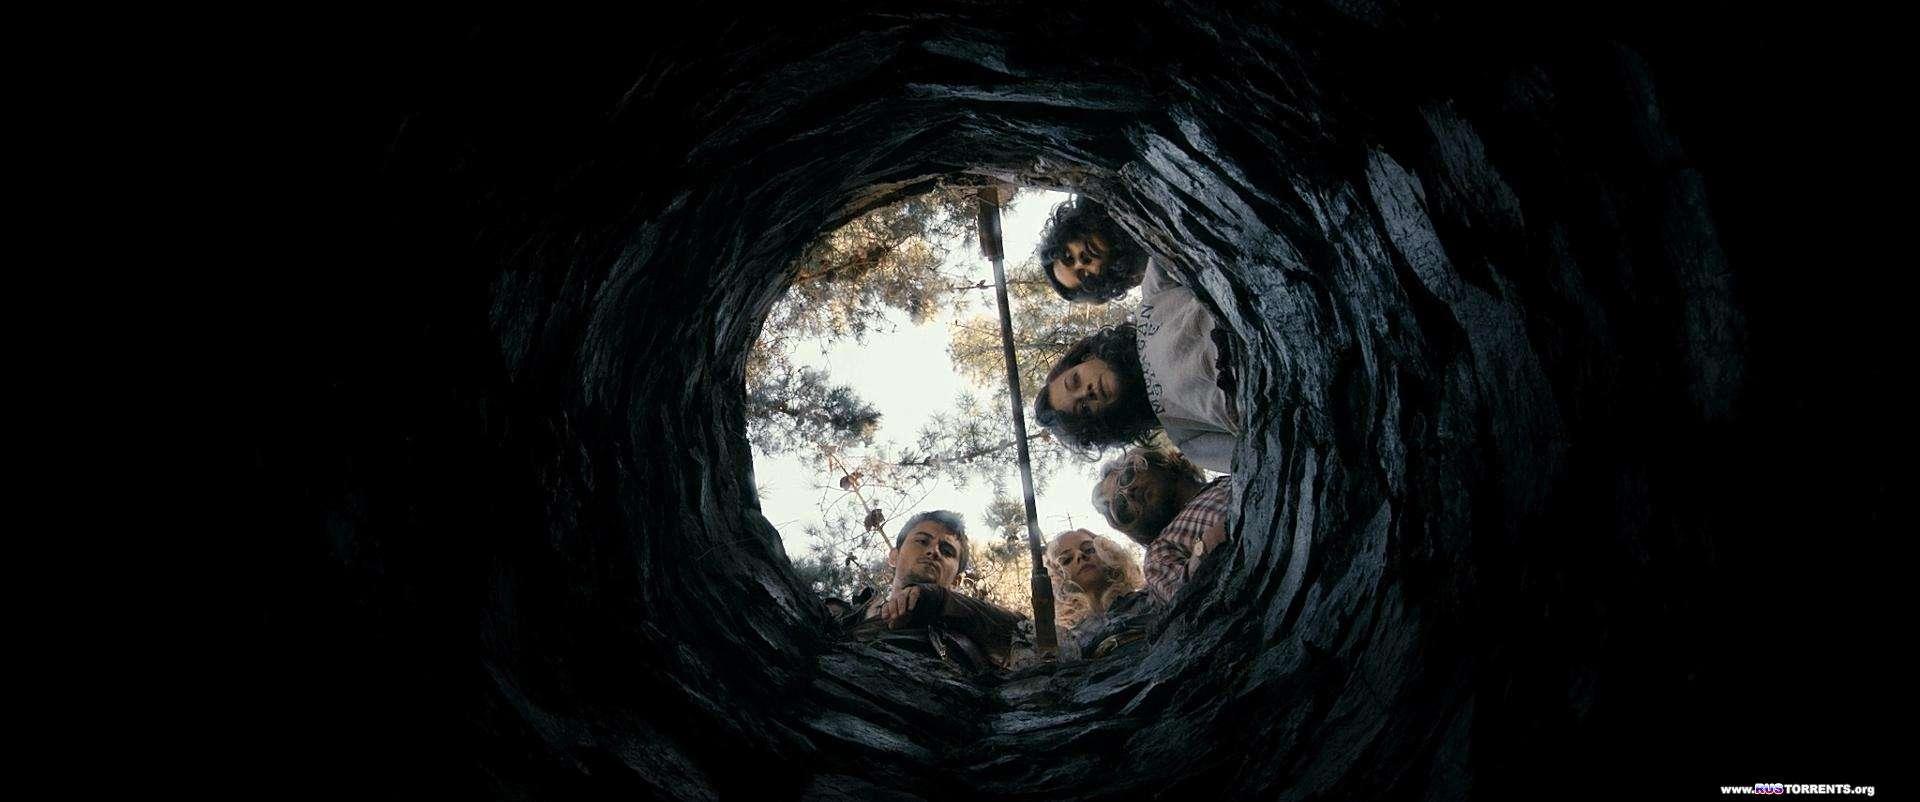 Зловещие мертвецы: Черная книга | BDRip 1080p | Лицензия